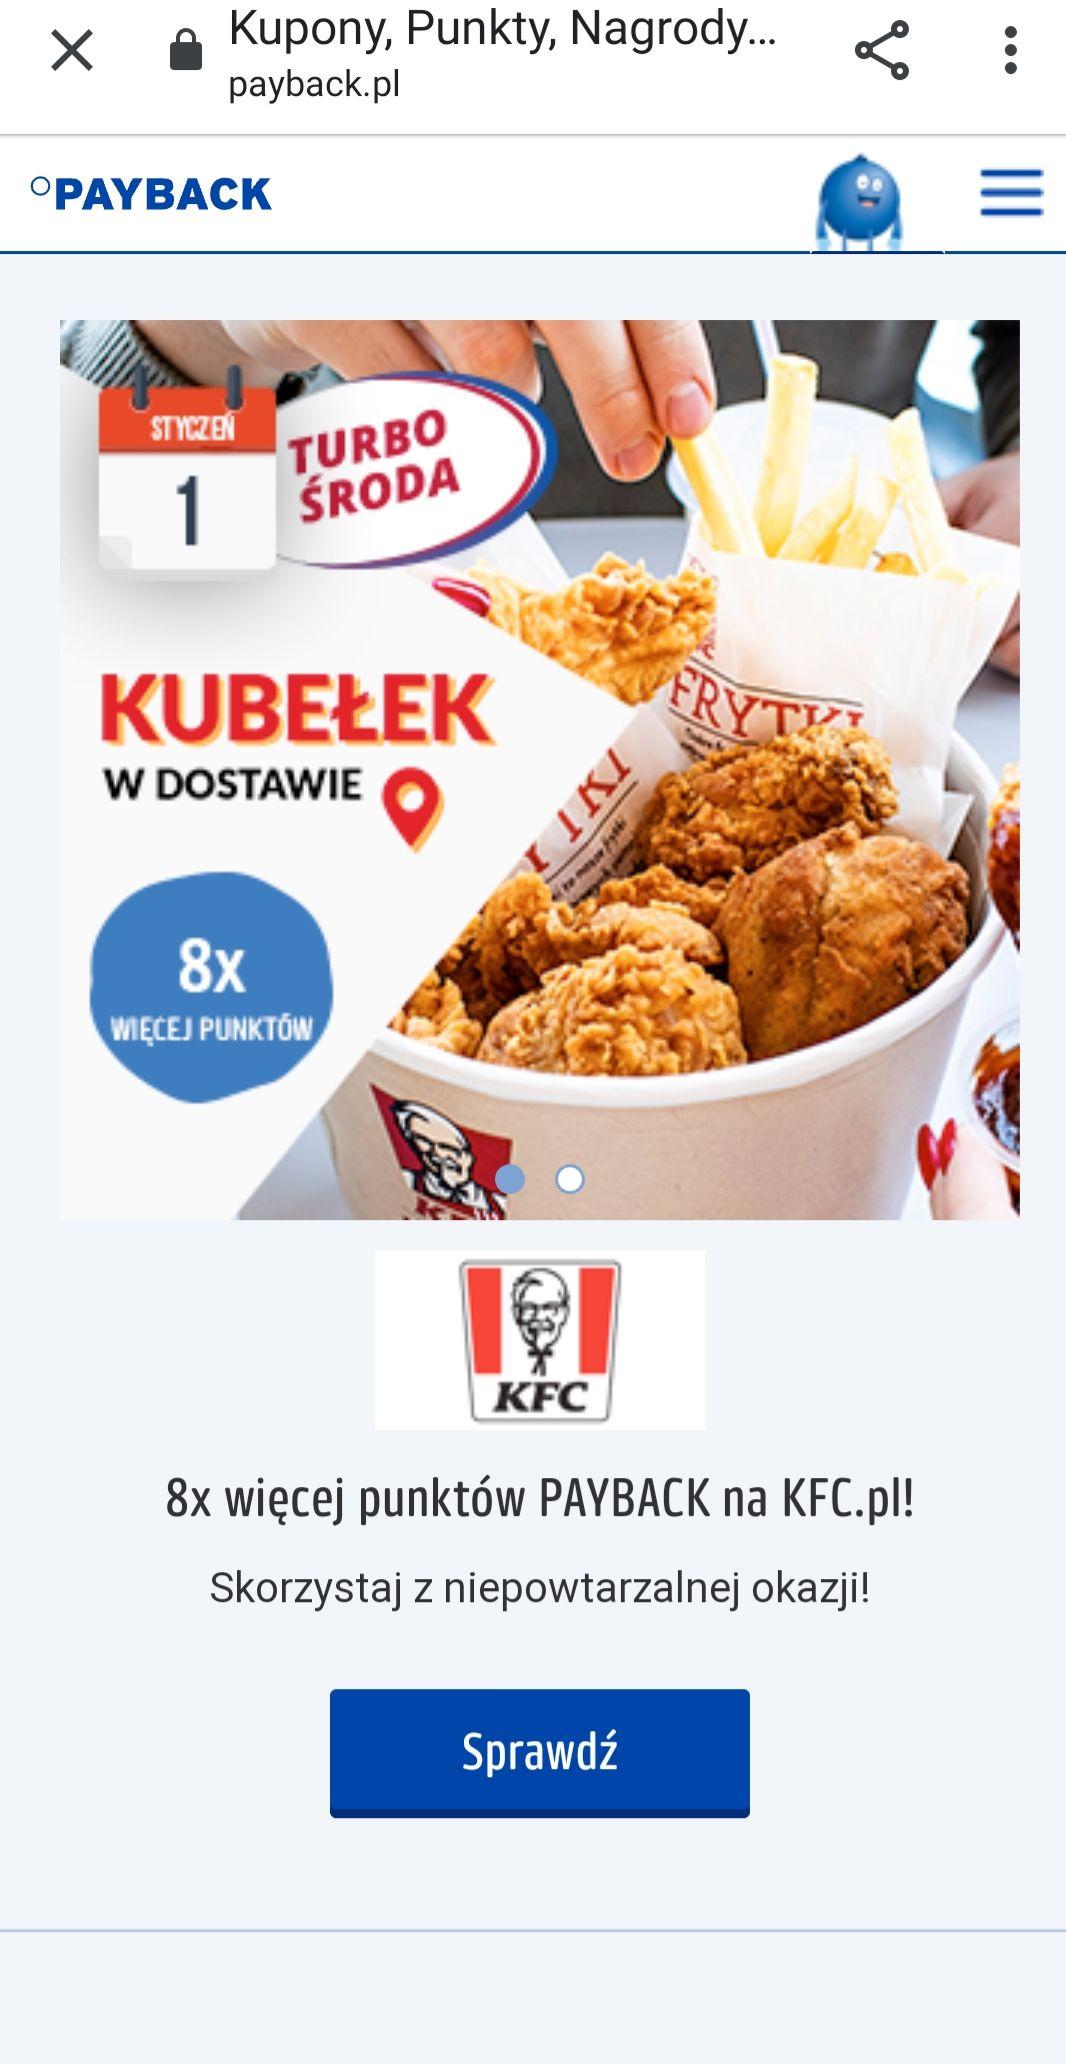 Turbo środa w PAYBACK i KFC 8x więcej punktów